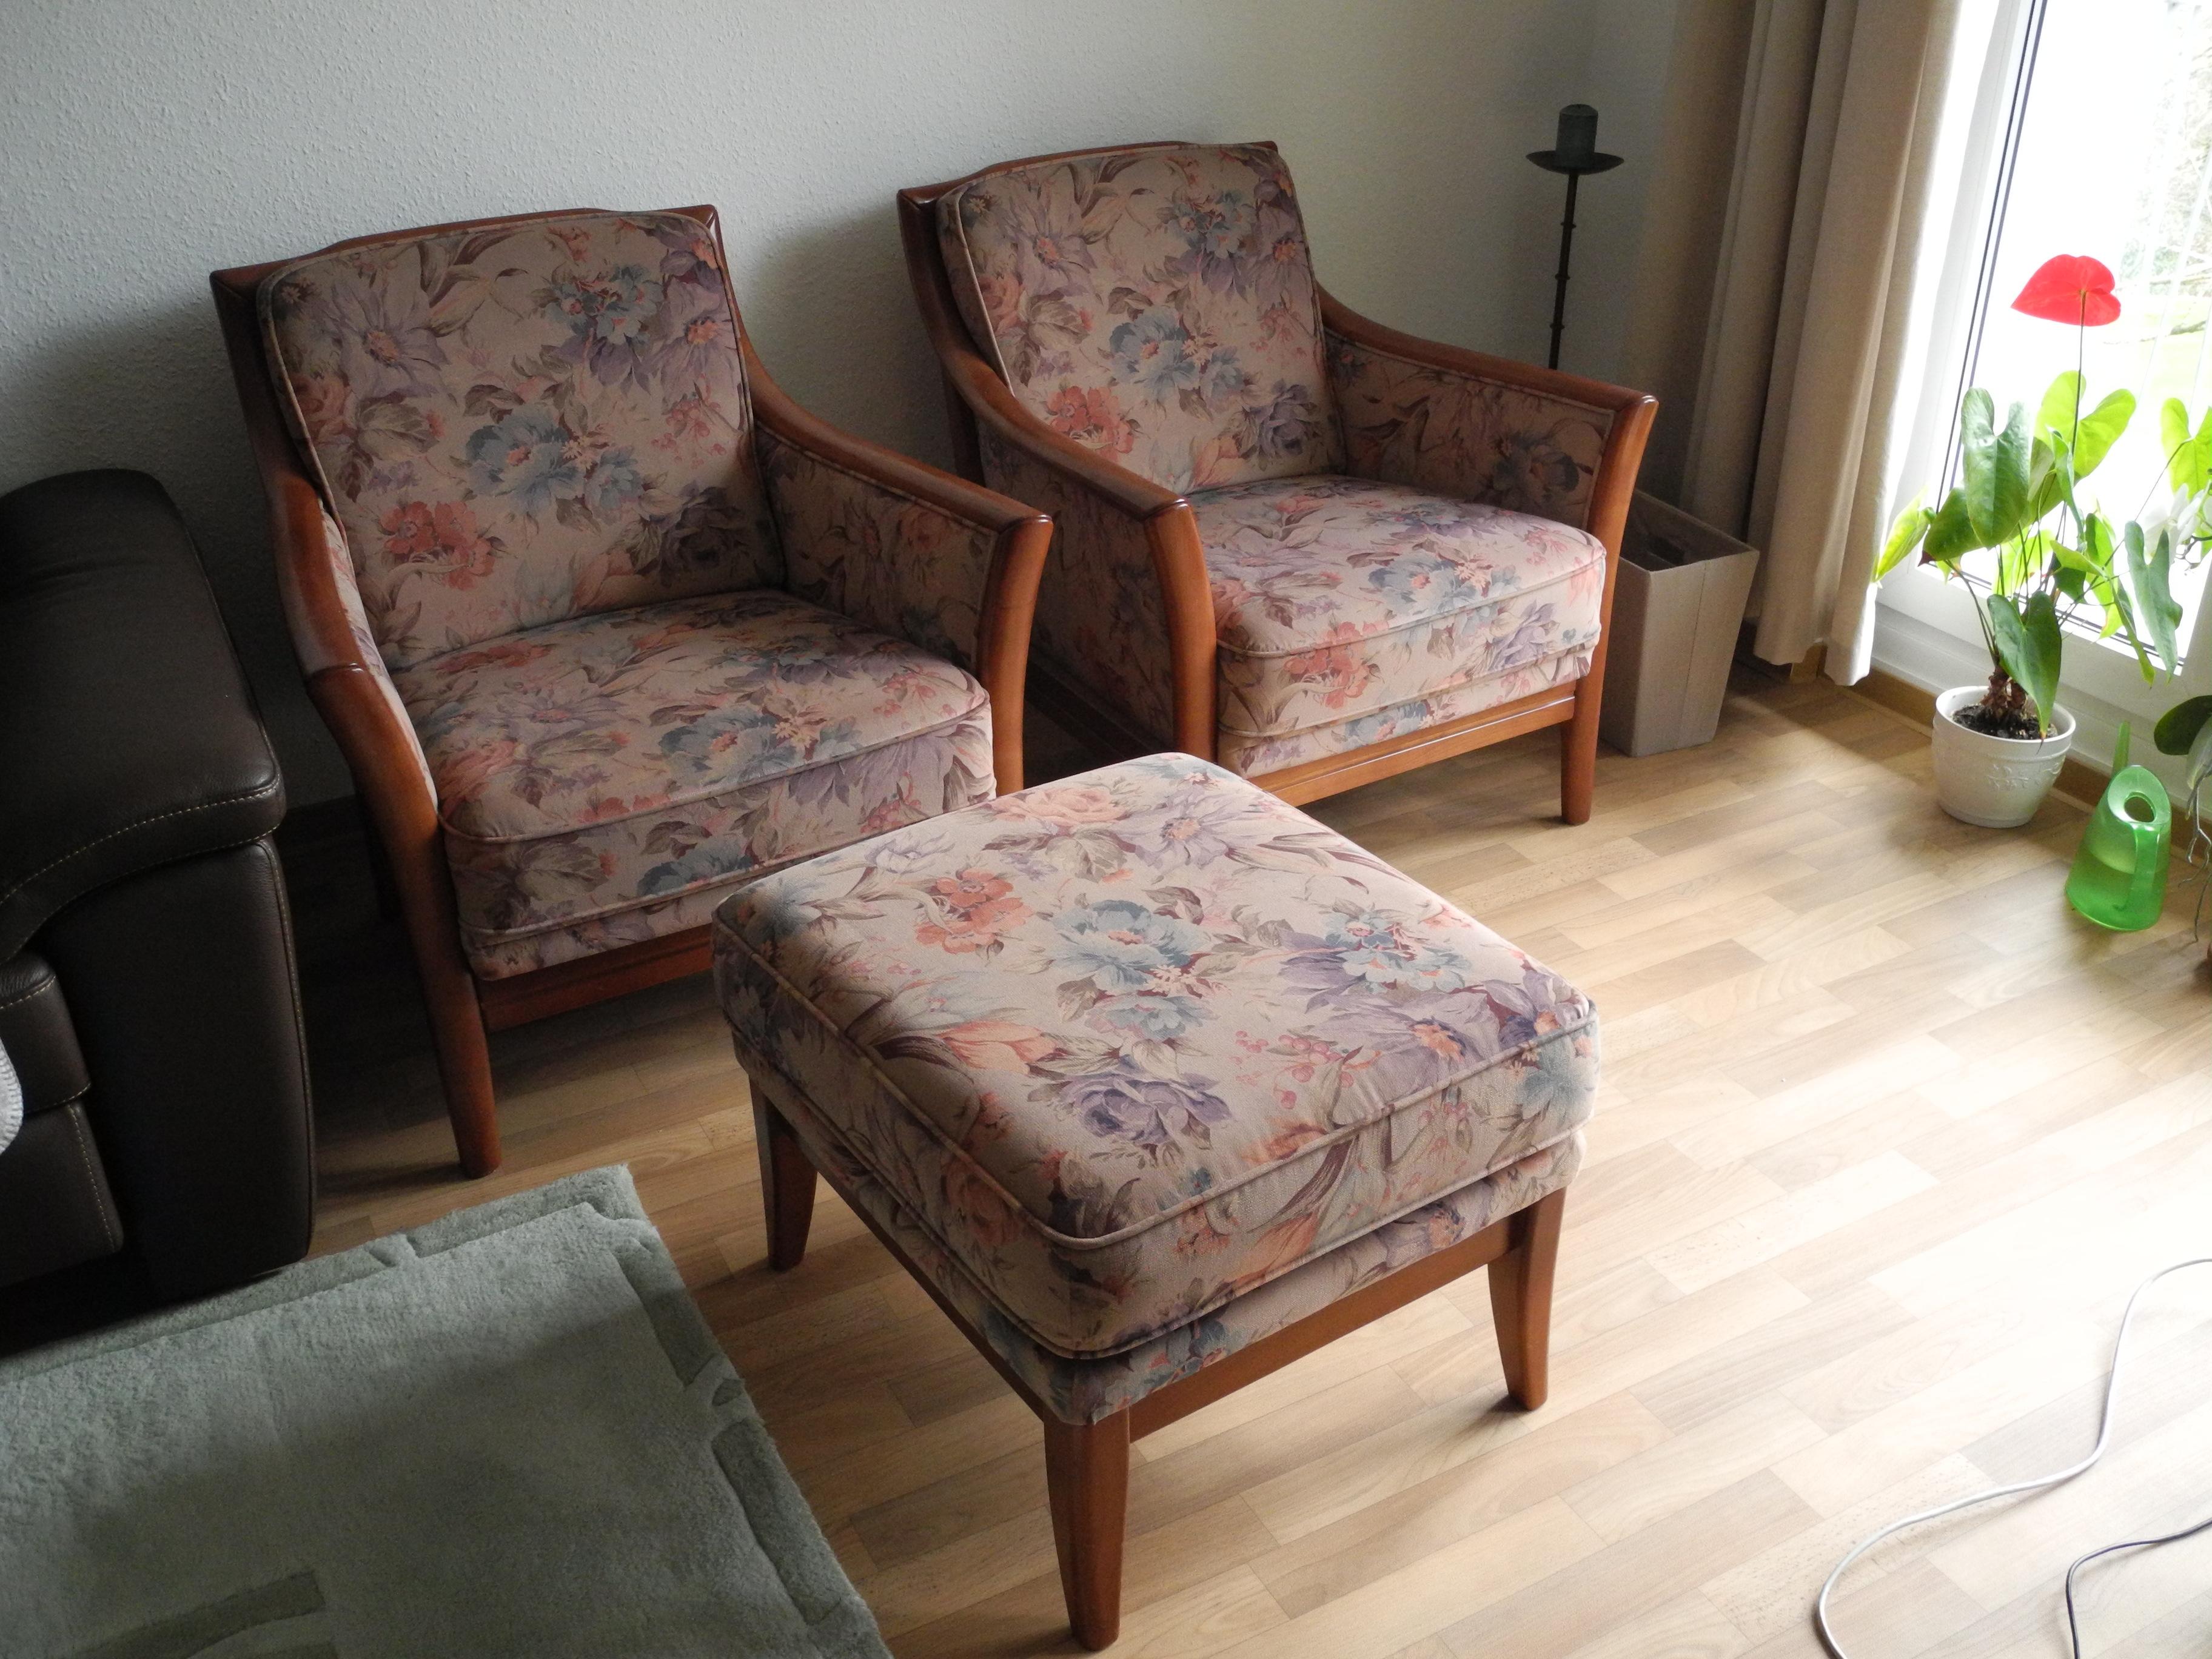 3tlg edle polster sessel garnitur m hocker kirschbaum lehnen stuhl vintage stil. Black Bedroom Furniture Sets. Home Design Ideas